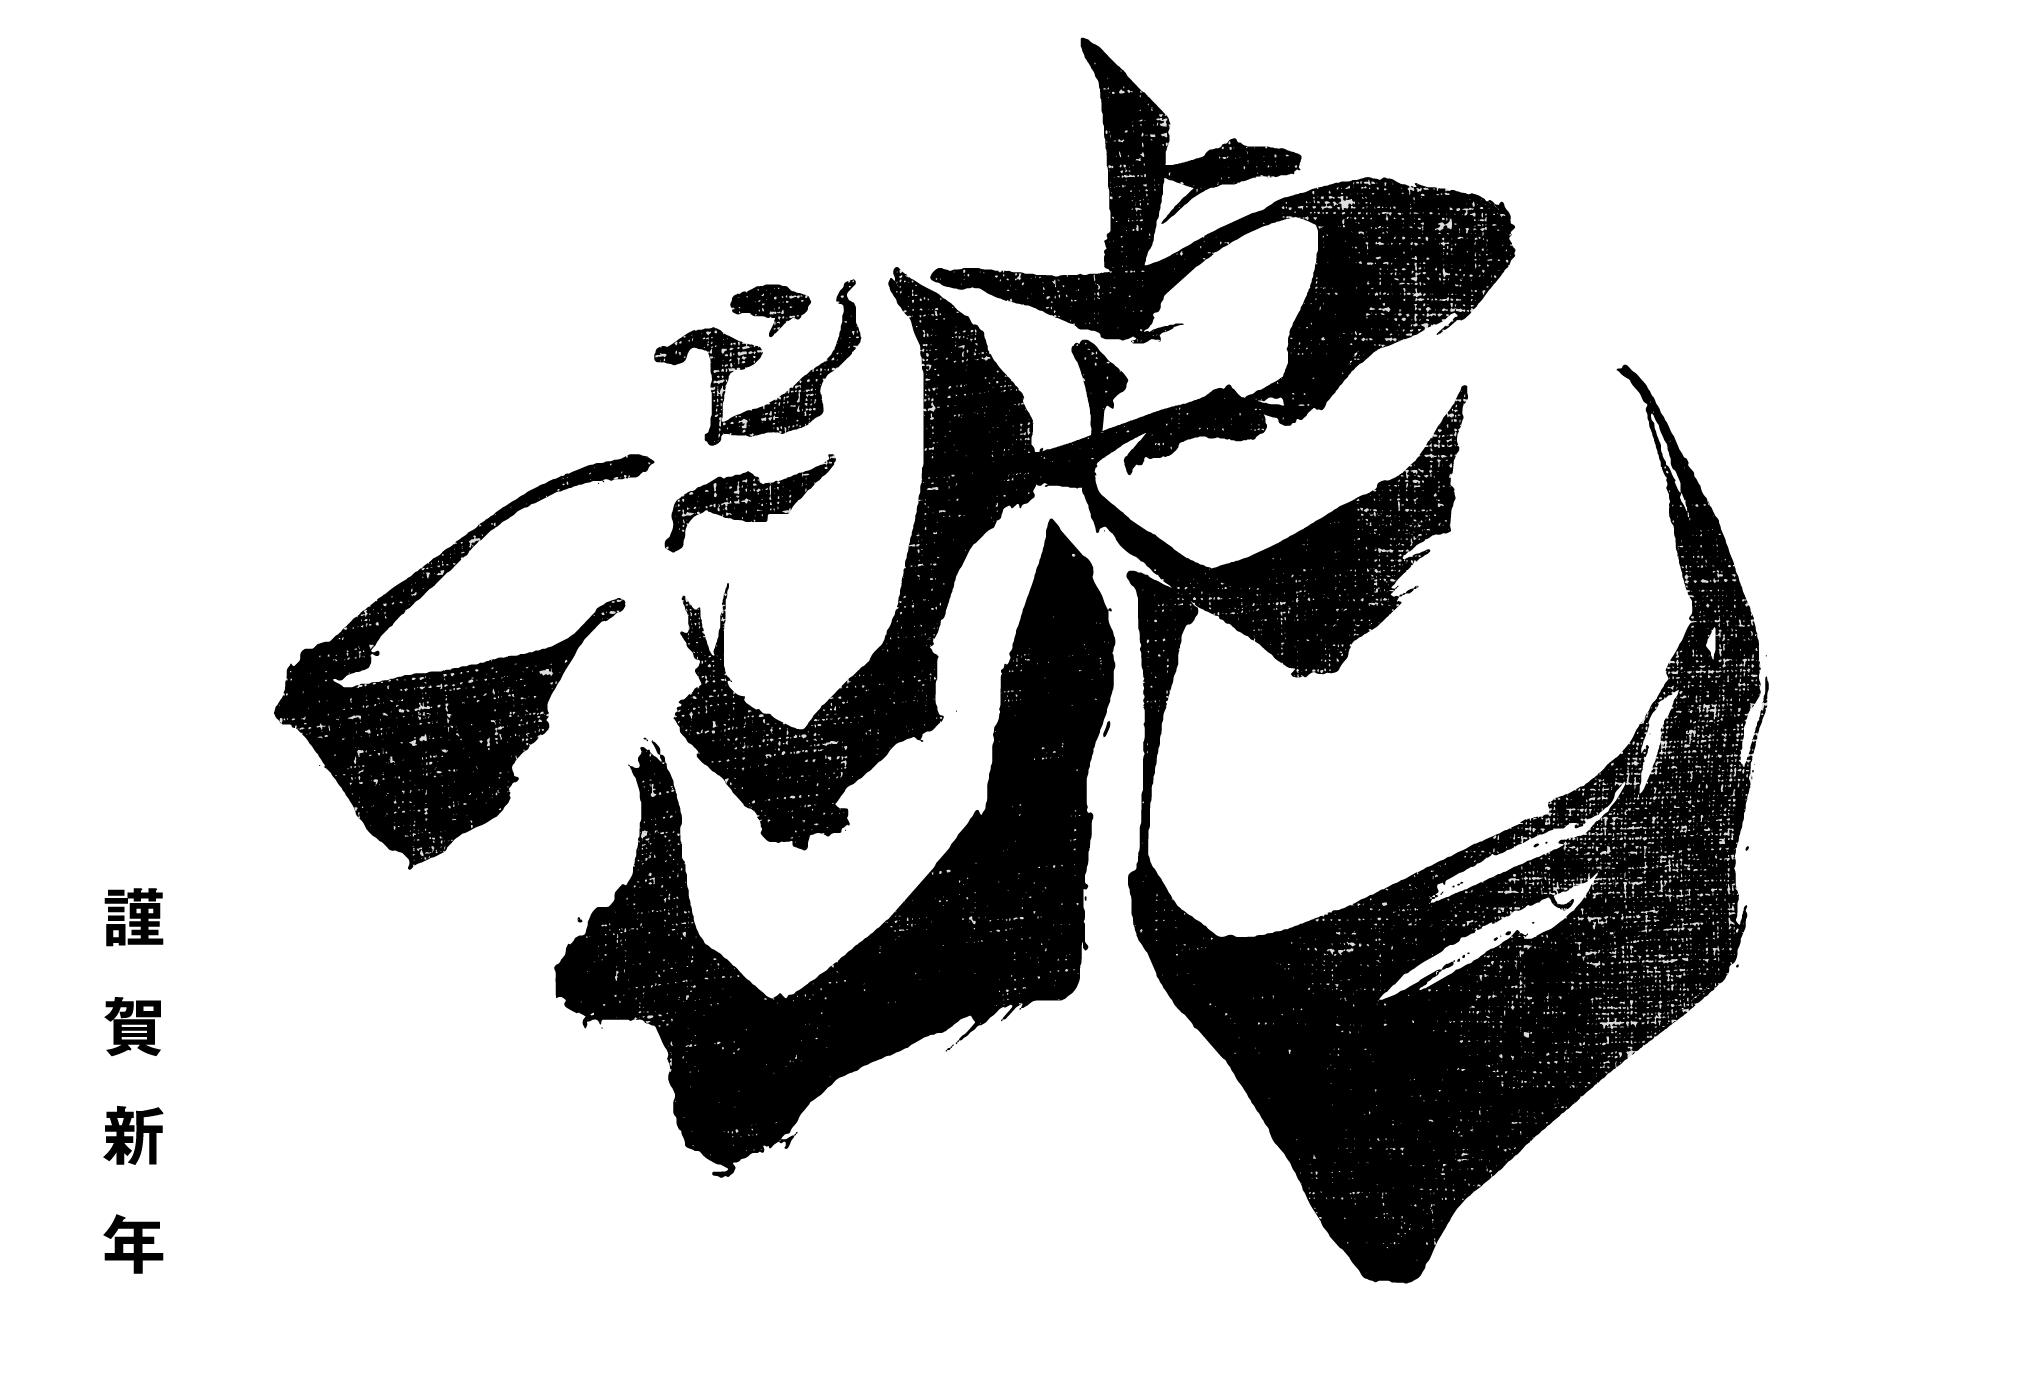 2022年賀状14-2:虎 Calligraphy / 虎頭B(黒)のダウンロード画像